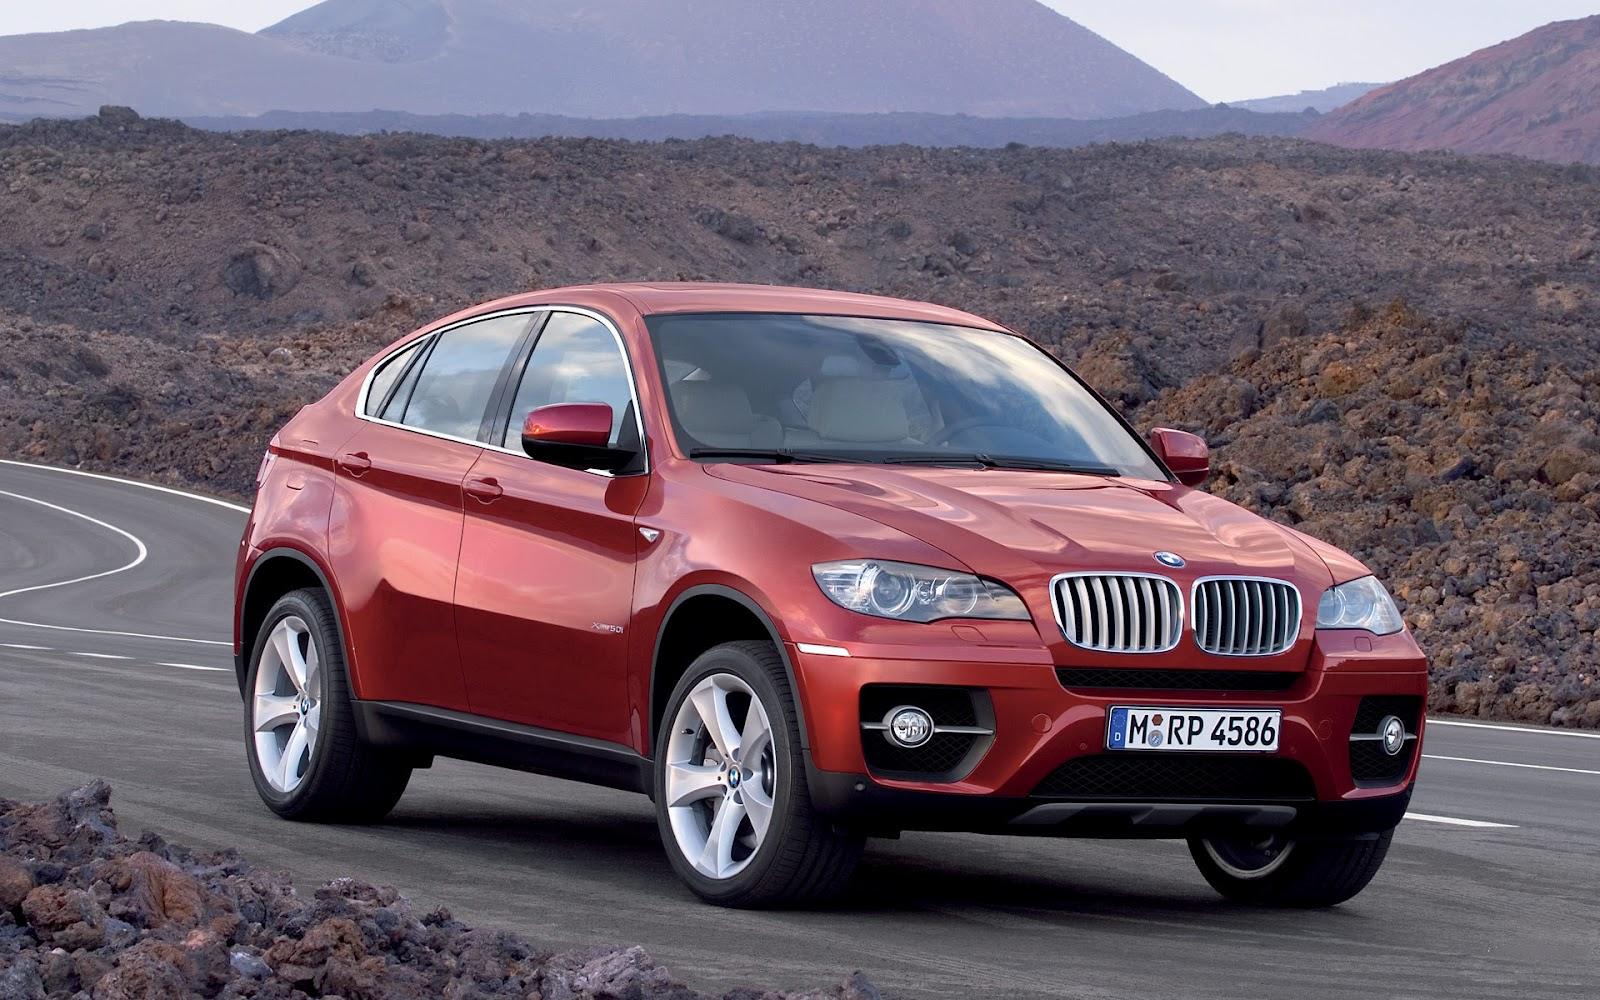 http://1.bp.blogspot.com/-_1i45eXQ1w0/T6dWYuC763I/AAAAAAAAcH4/mrFTyTuXrPs/s1600/BMW-X6_Wallpapers-HD_01.jpg